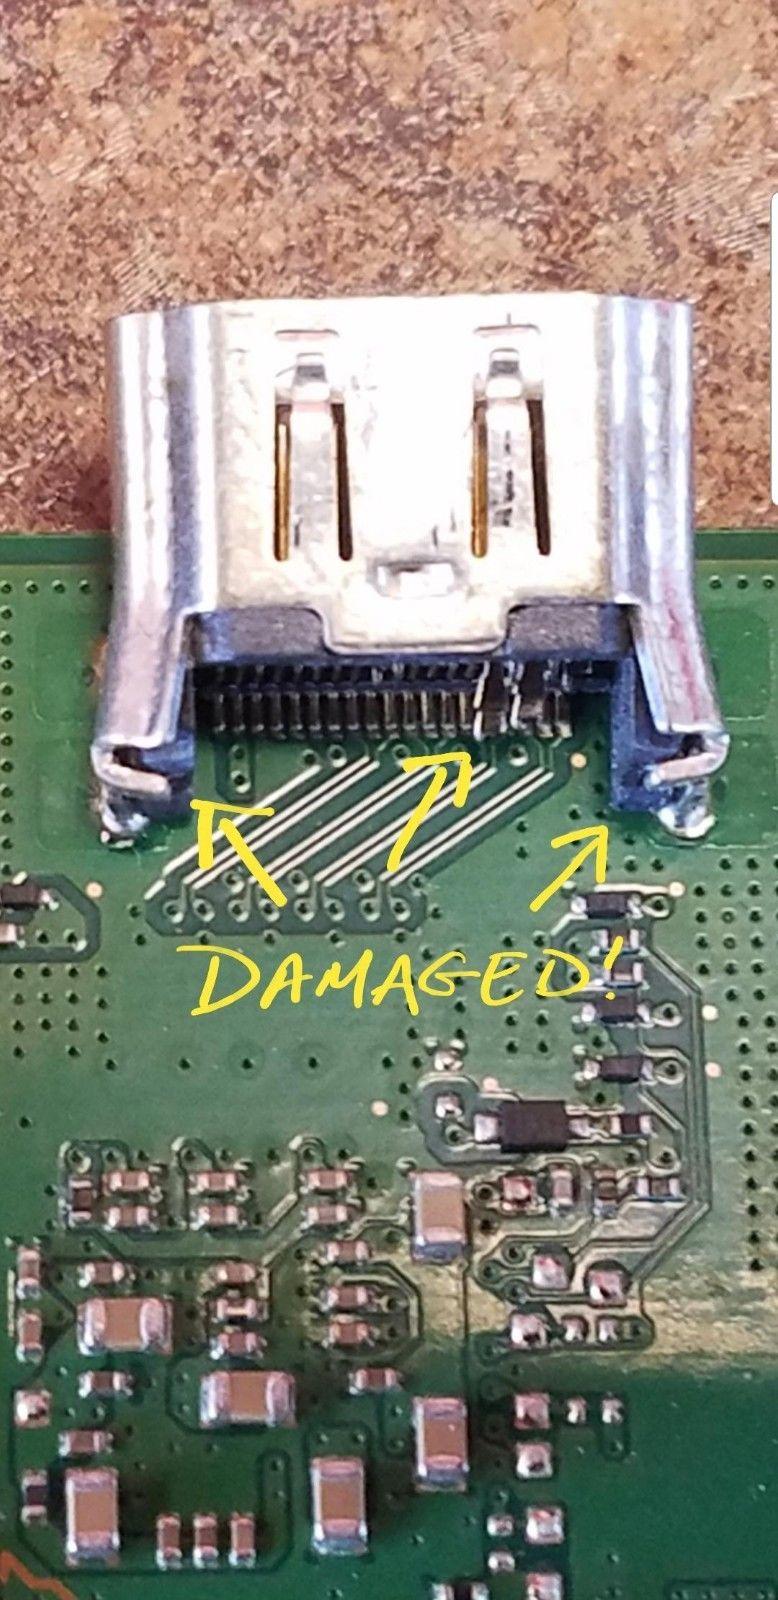 PS4 Port Damaged